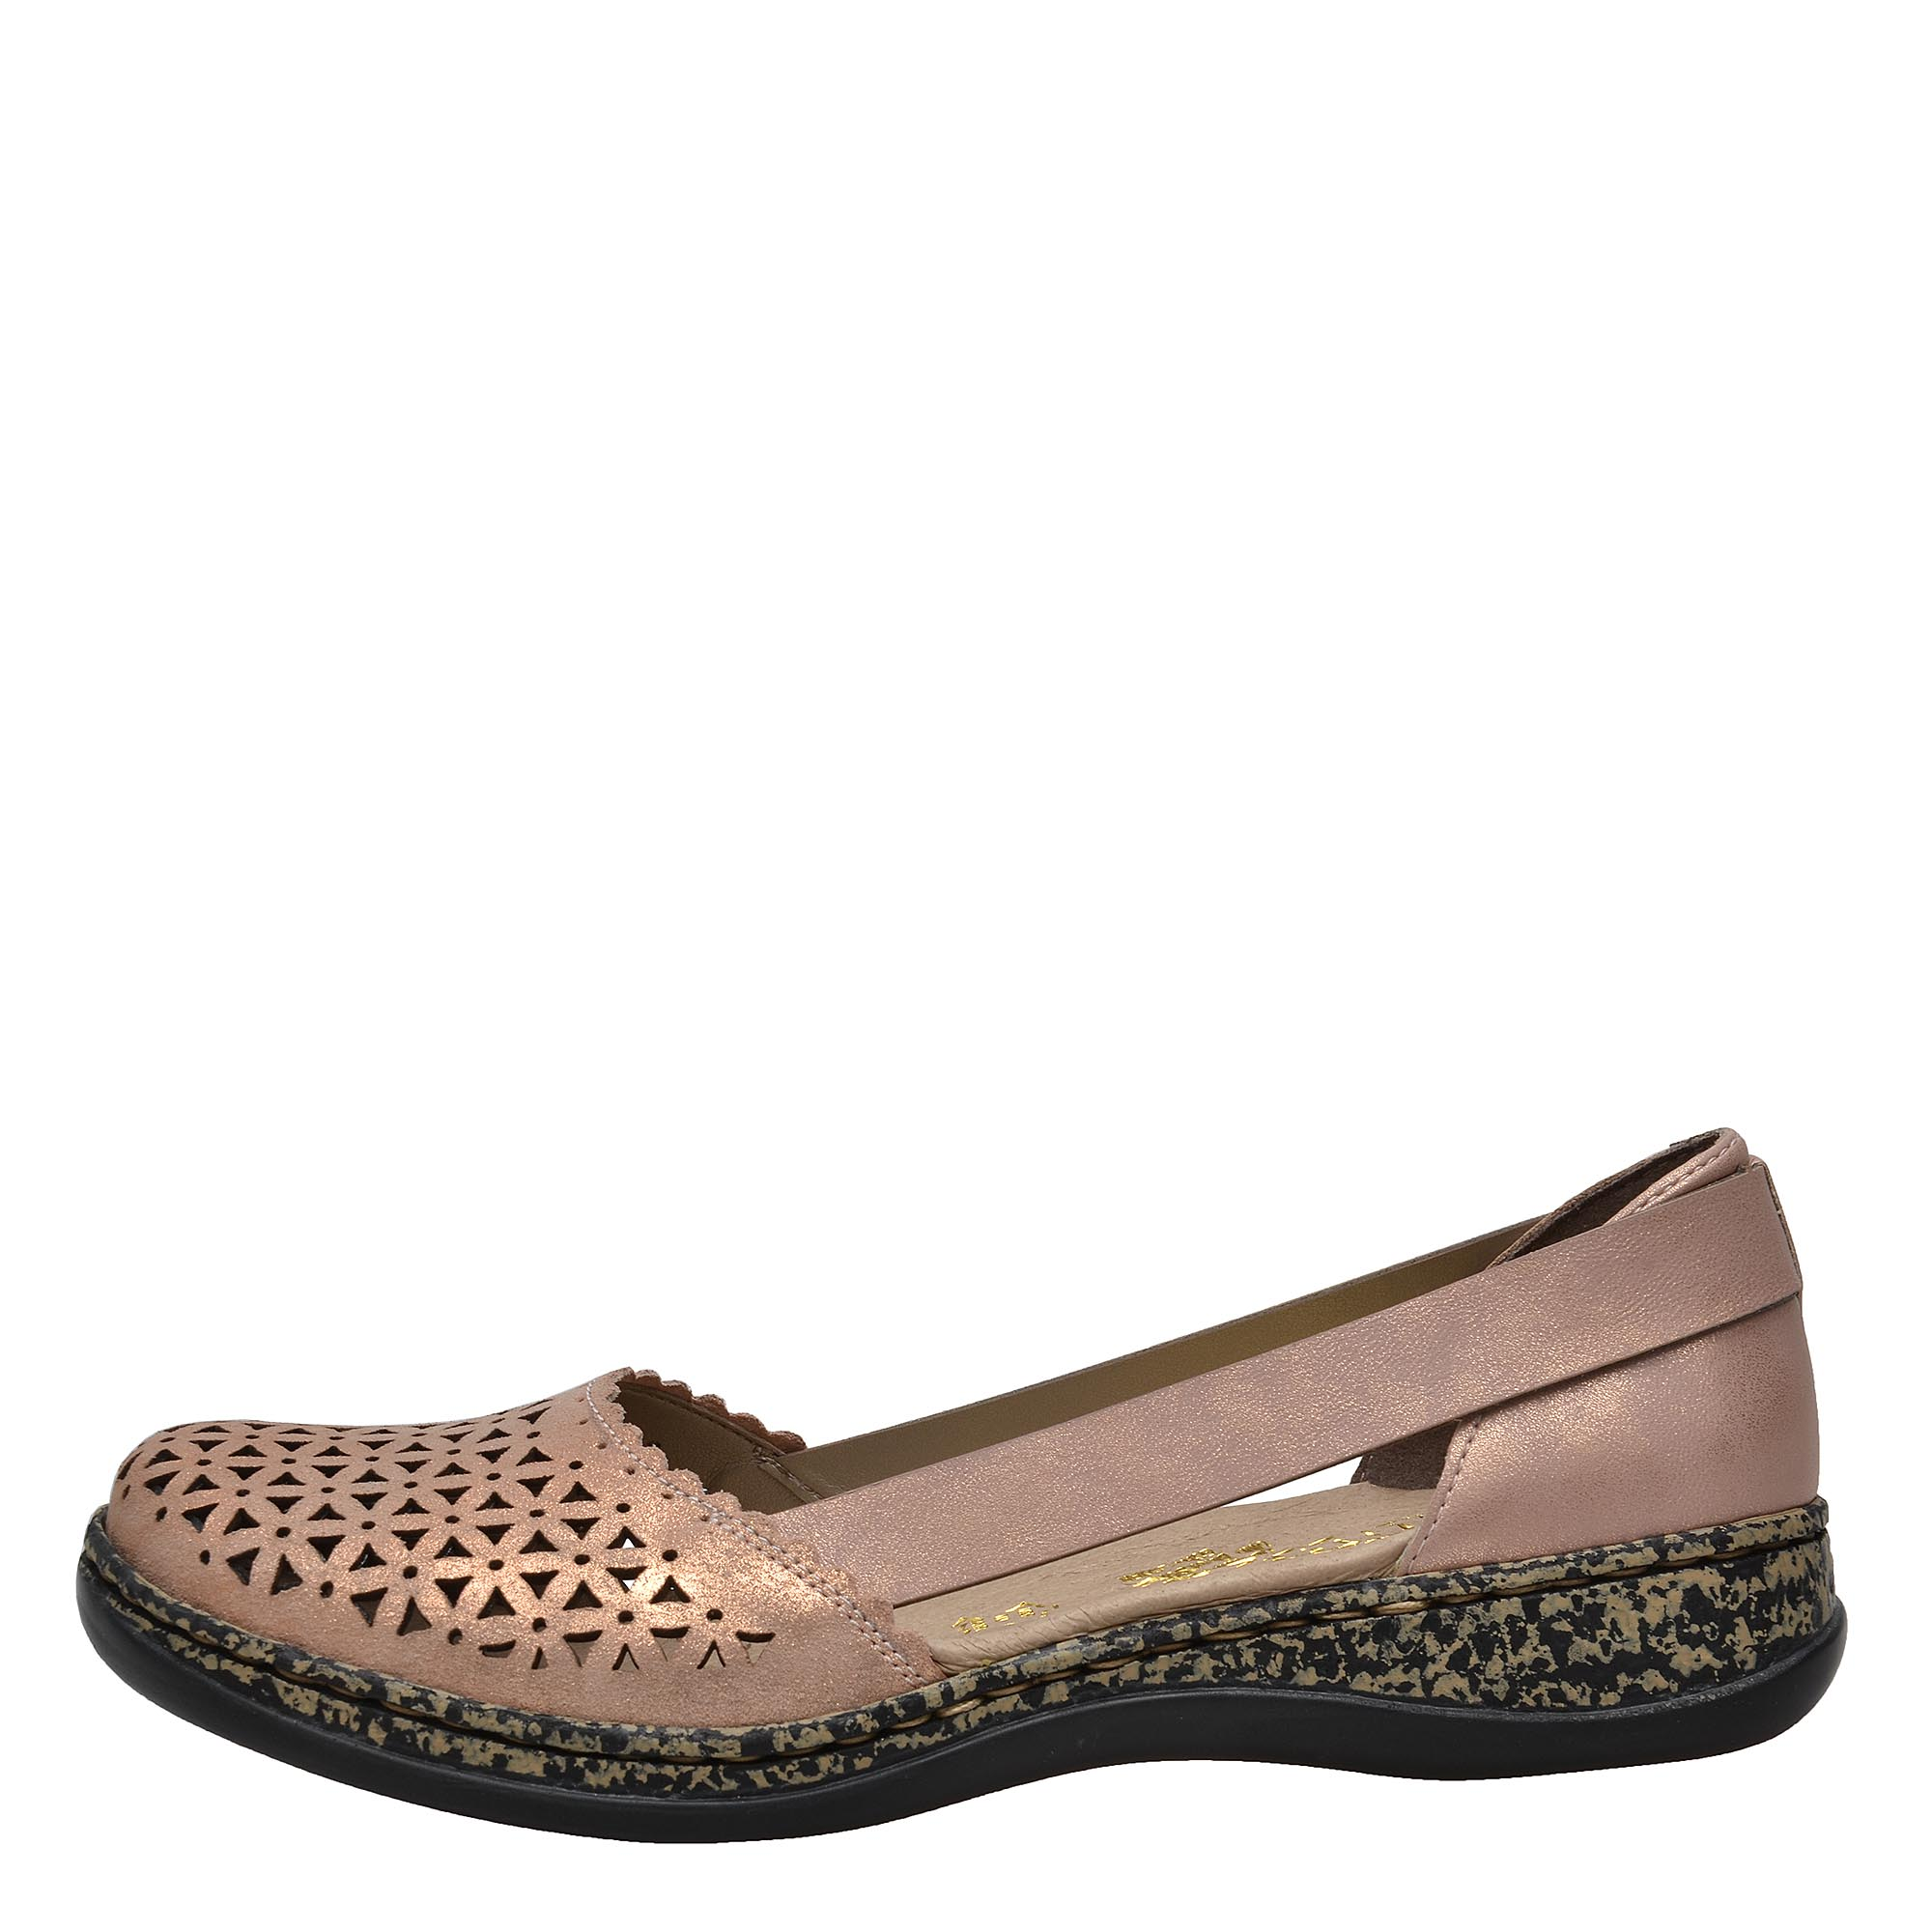 926eb642f9aad Dámská obuv RIEKER 46387/31 ROSA GOLD F/S 8 | Rieker obuv